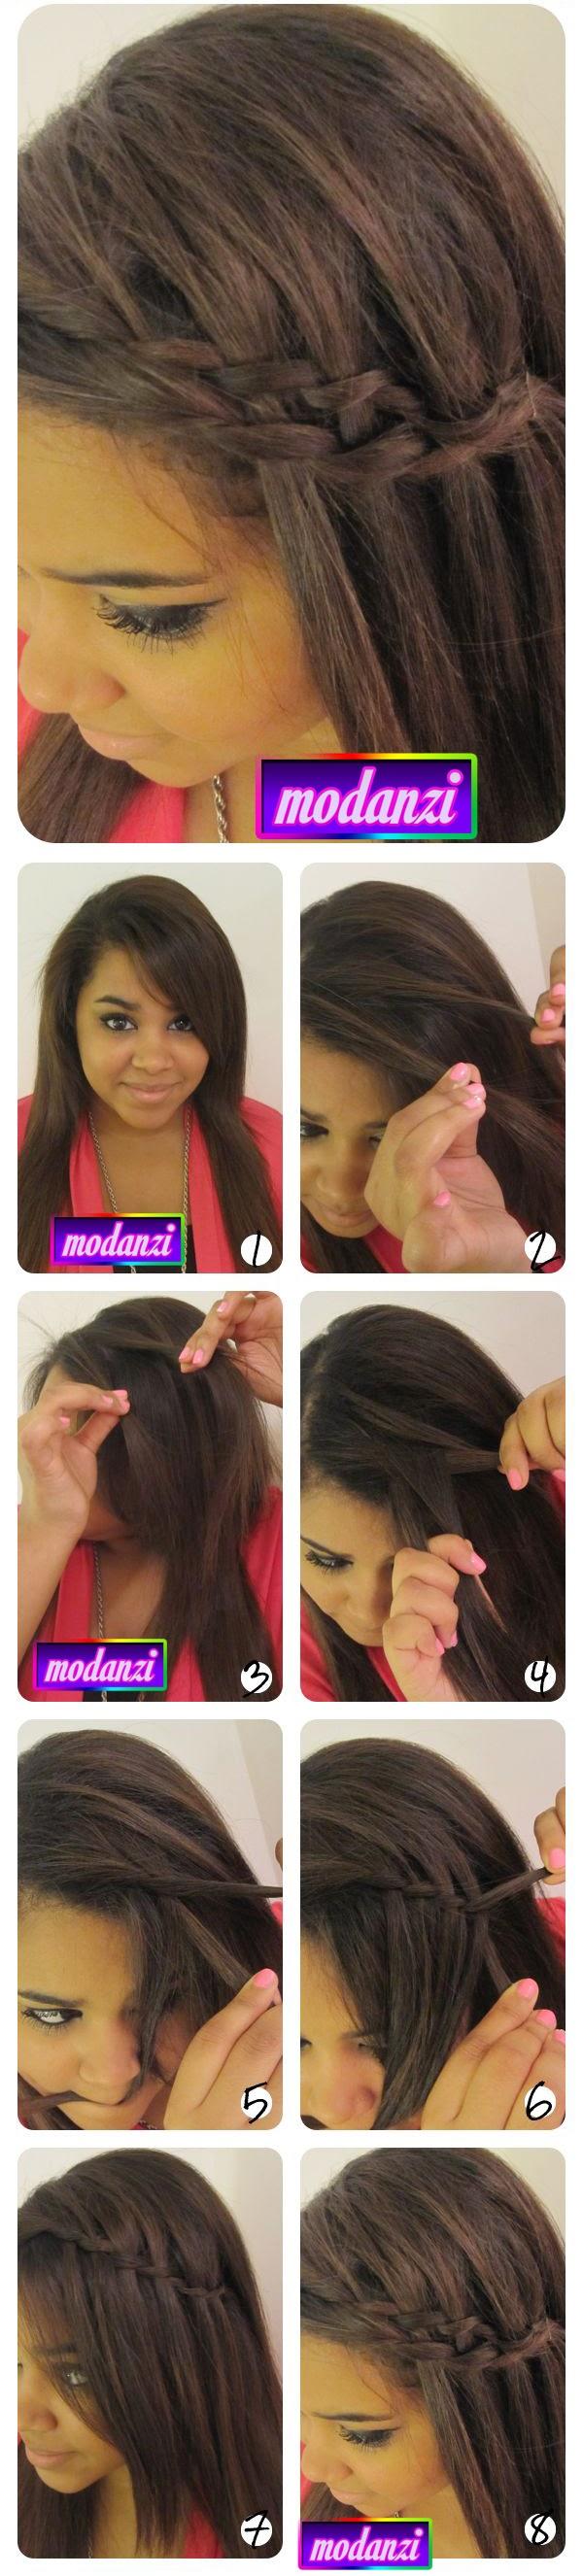 Şelale Dökümlü Örgülü Saç Modeli Nasıl Yapılır ? ( Resimli Anlatım )